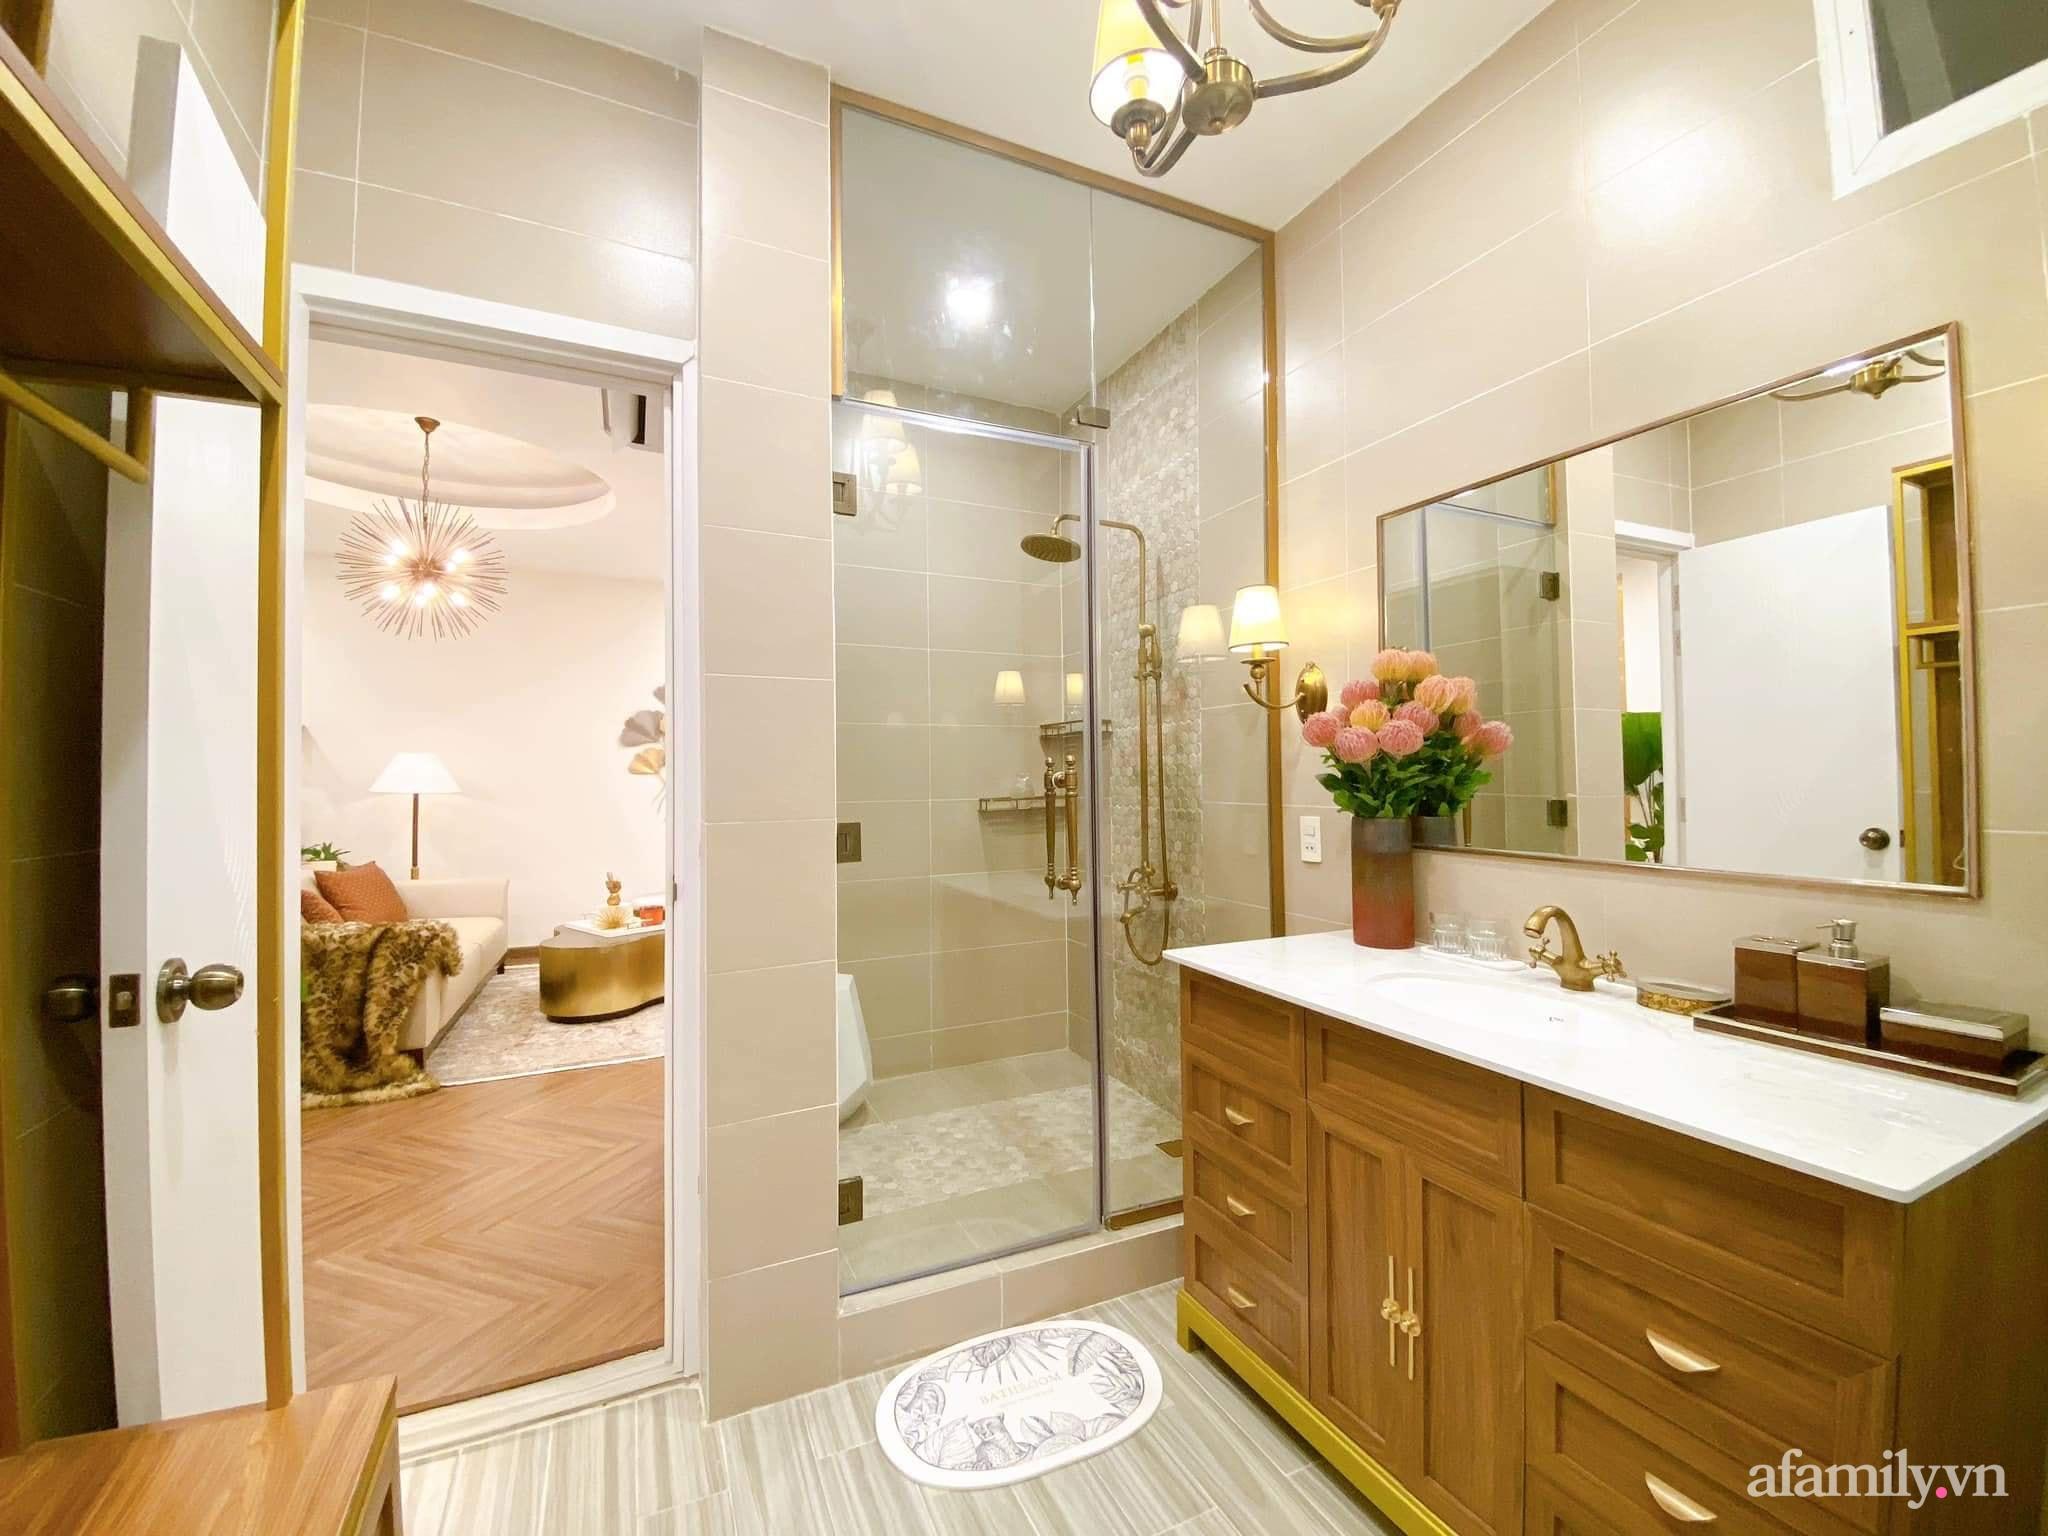 Lột xác phòng ngủ cũ kỹ thành không gian đẳng cấp 5 sao dành cho cặp vợ chồng U70 chỉ trong 2 tuần ở Sài Gòn - Ảnh 22.